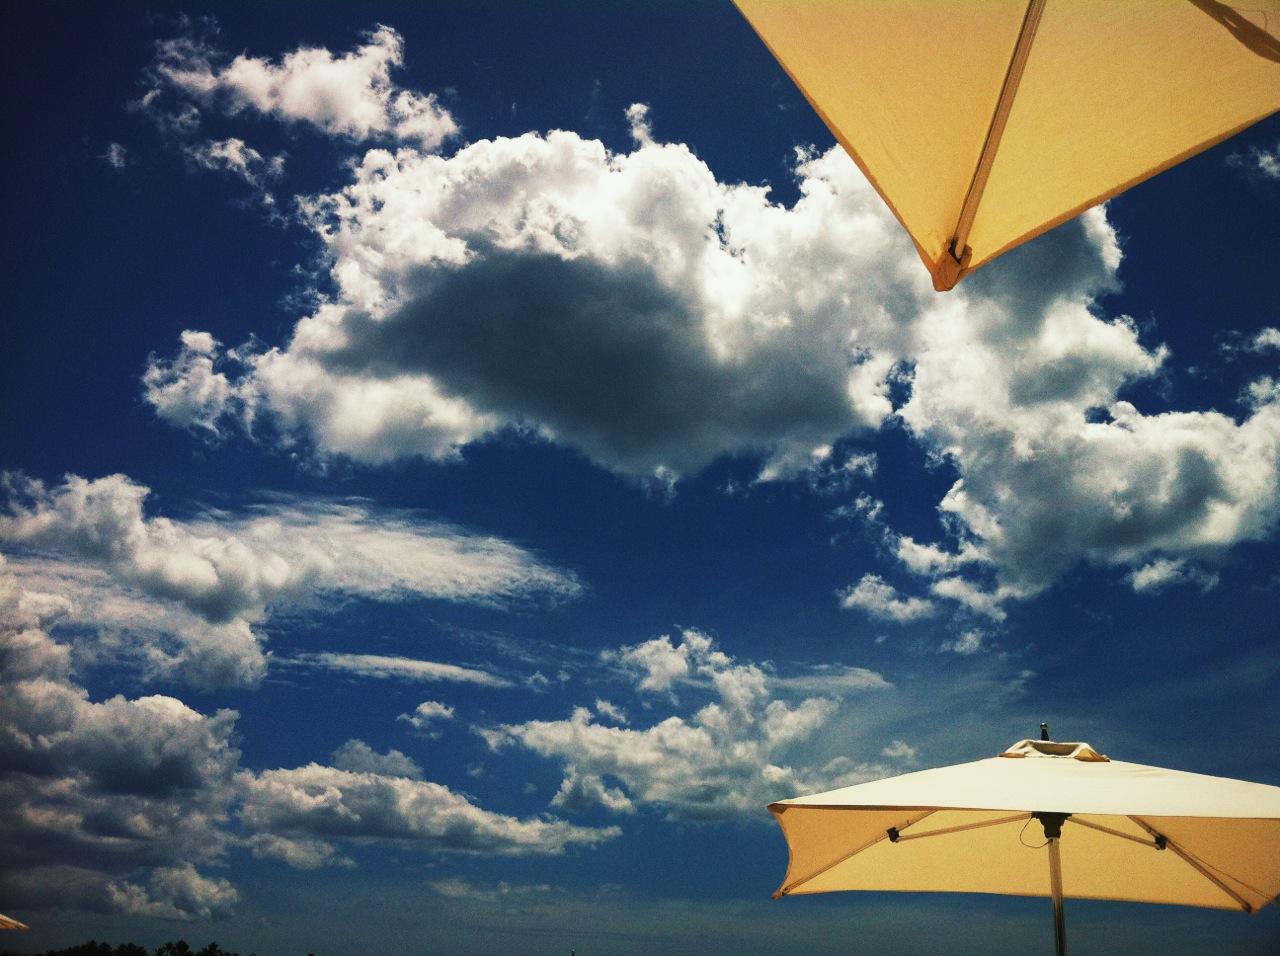 Nubes en la Playa de Minitas, La Romana, RD, ayer mismo.